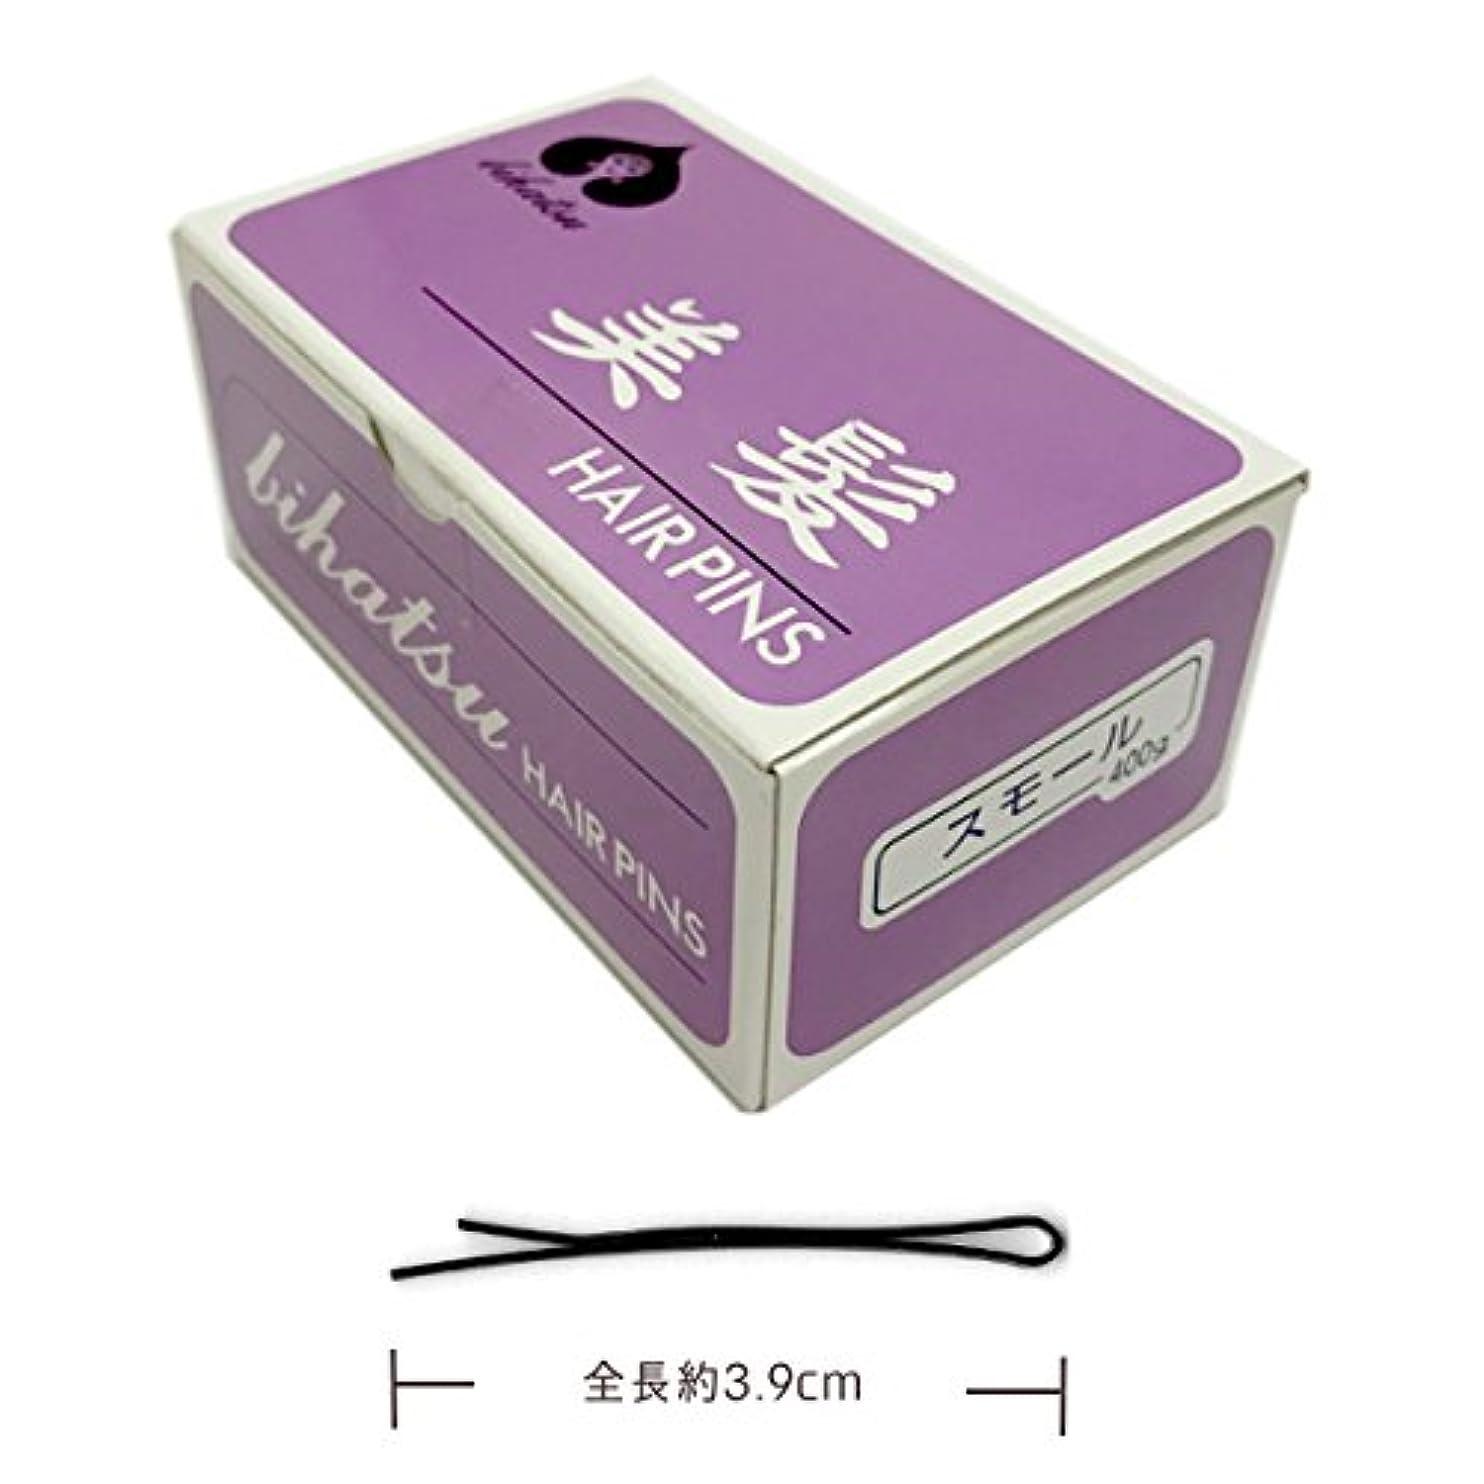 ブリーフケース導入する韓国ヒラヤマ ビハツ スモール (美髪) 400g約870本入